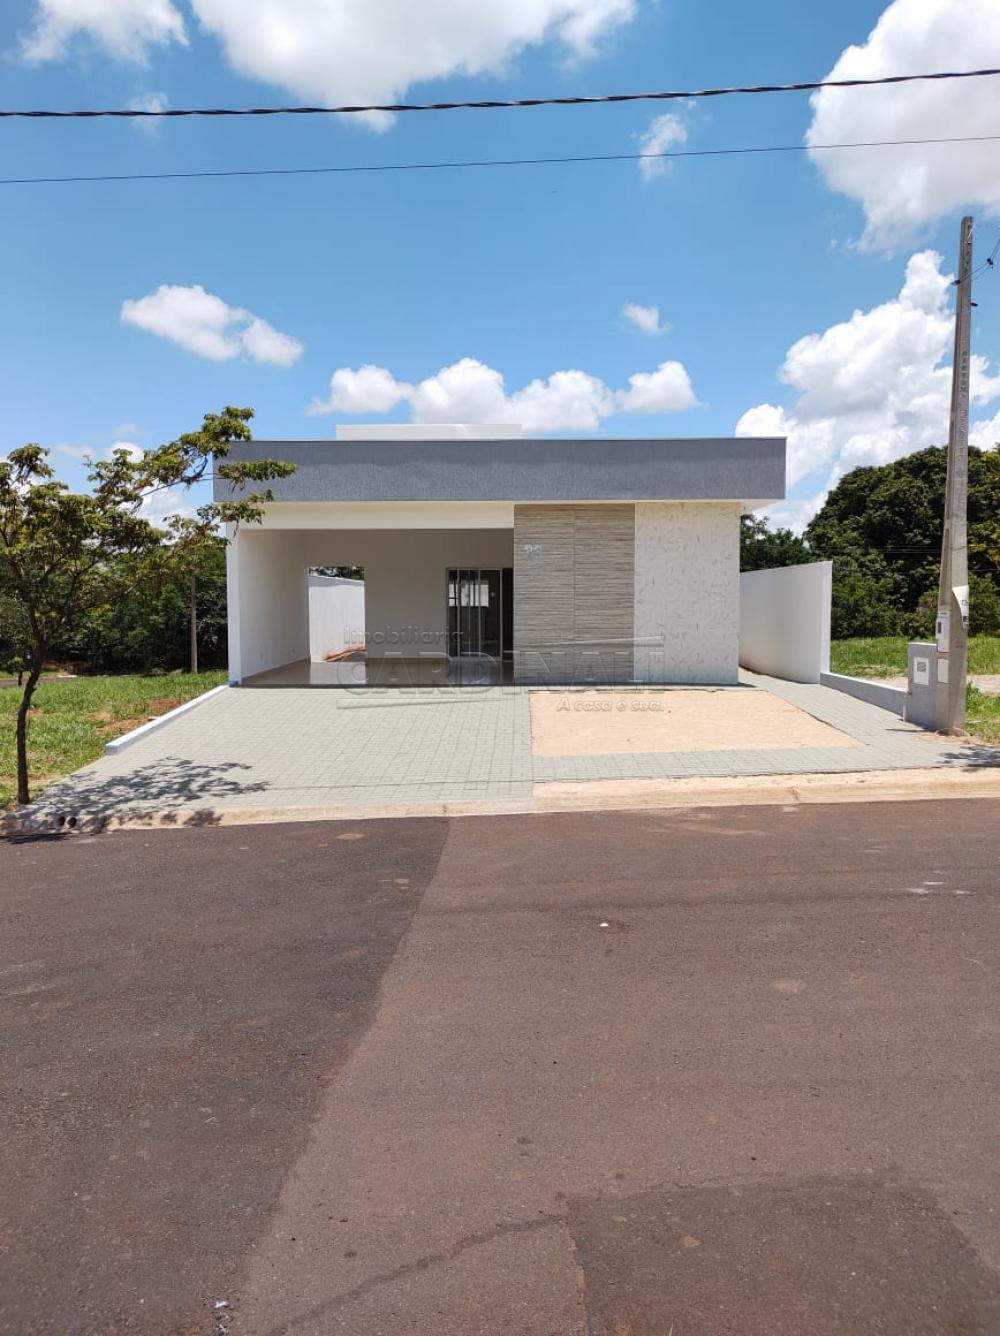 Comprar Casa / Condomínio em Araraquara R$ 480.000,00 - Foto 1